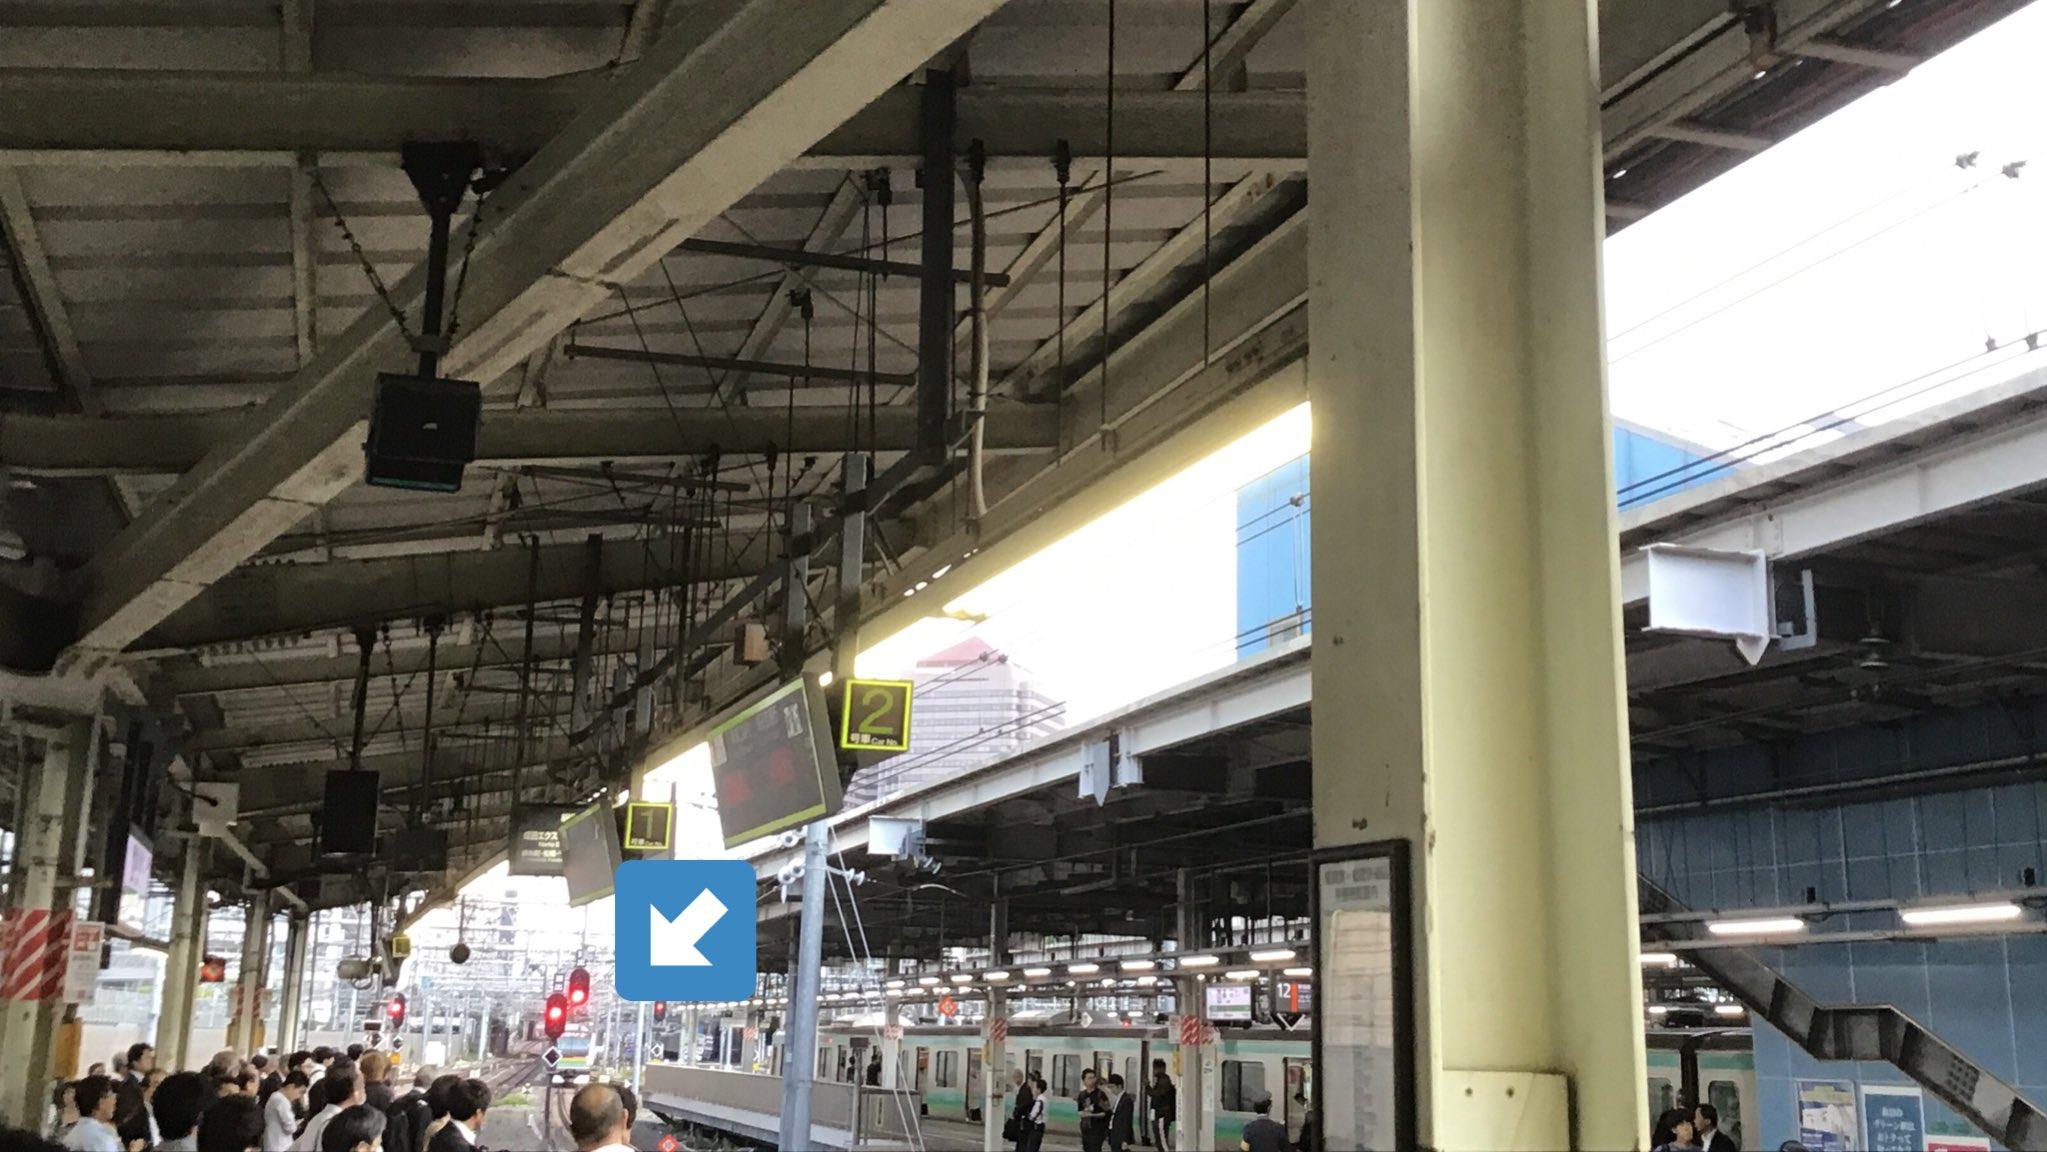 東海道線の品川駅付近で人身事故の現場画像